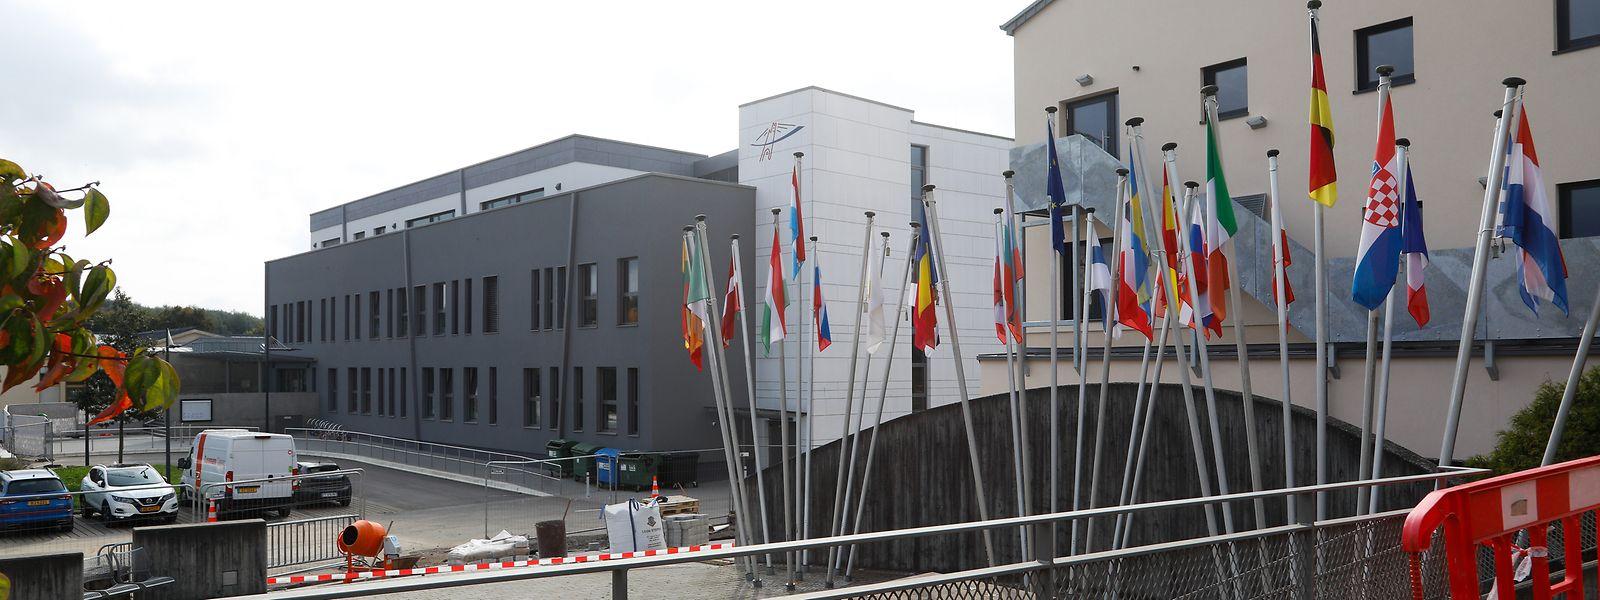 Am Donnerstag kam es in der Grundschule Hesperingen zum Vorfall.